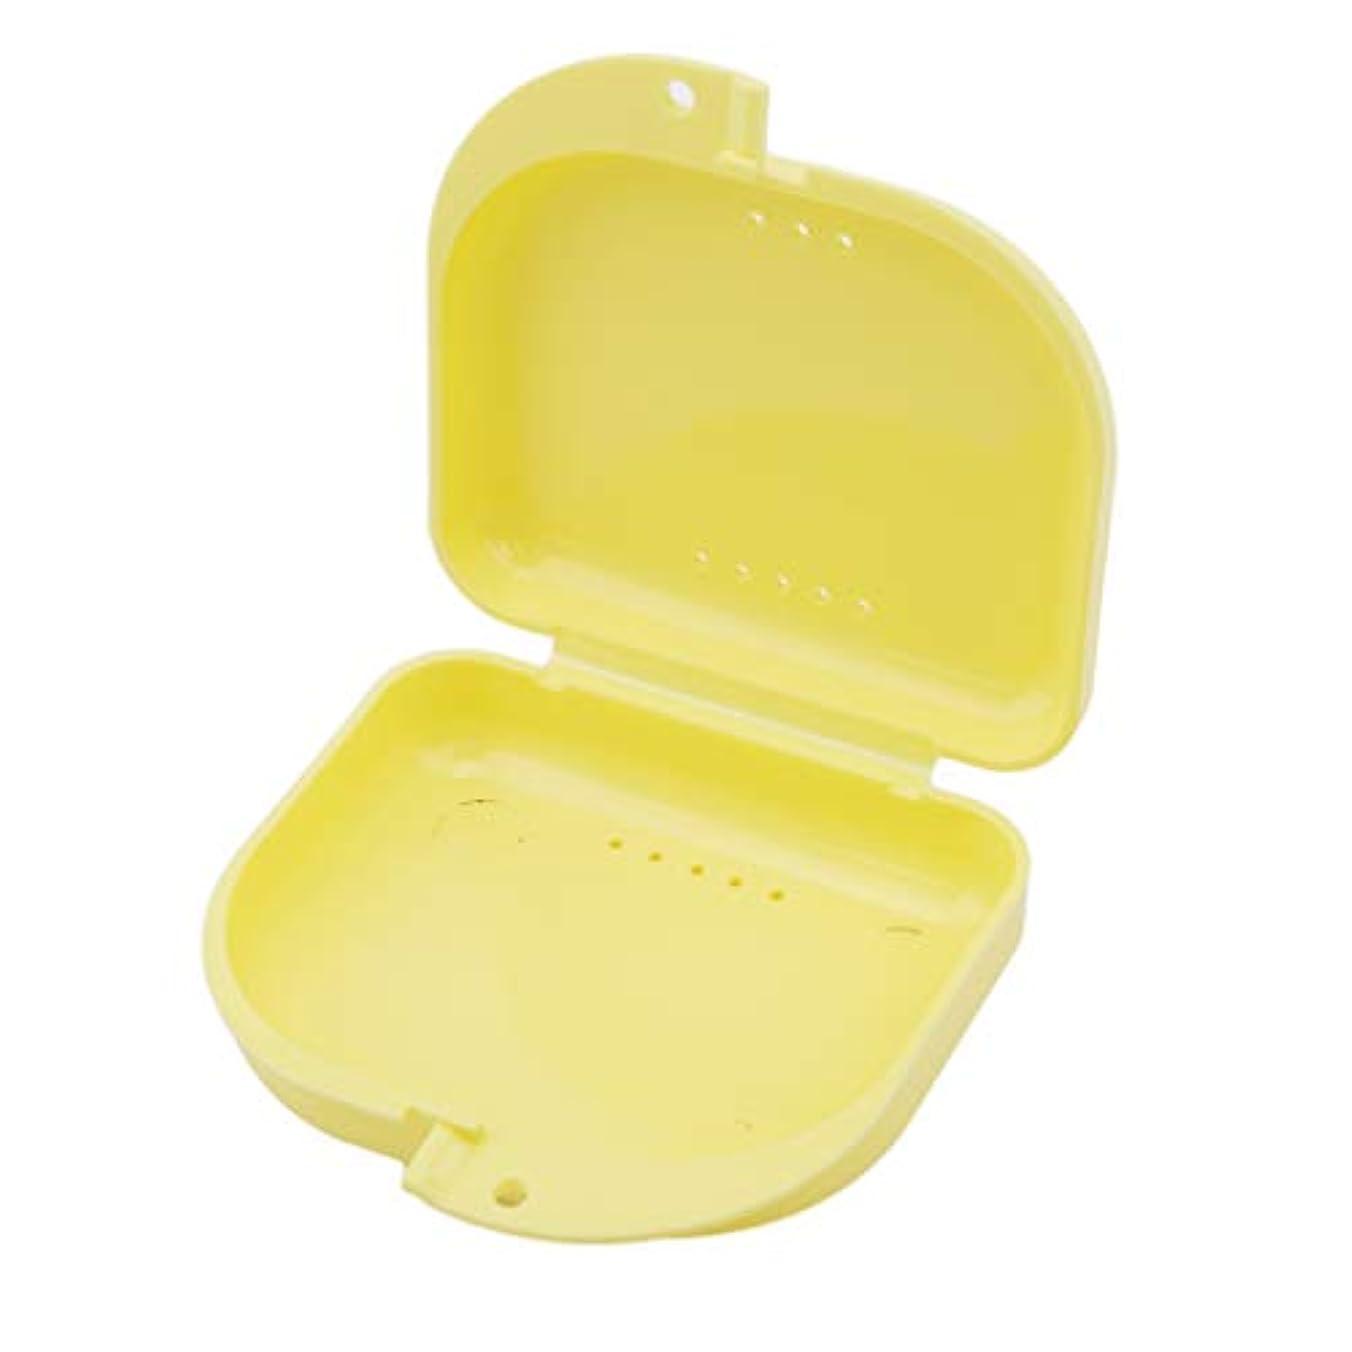 質量計り知れないブローホールBEE&BLUE 義歯ケース 義歯収納 義歯ボックス 義歯収納ケース 入れ歯のポケット 義歯収納容器 ミニ